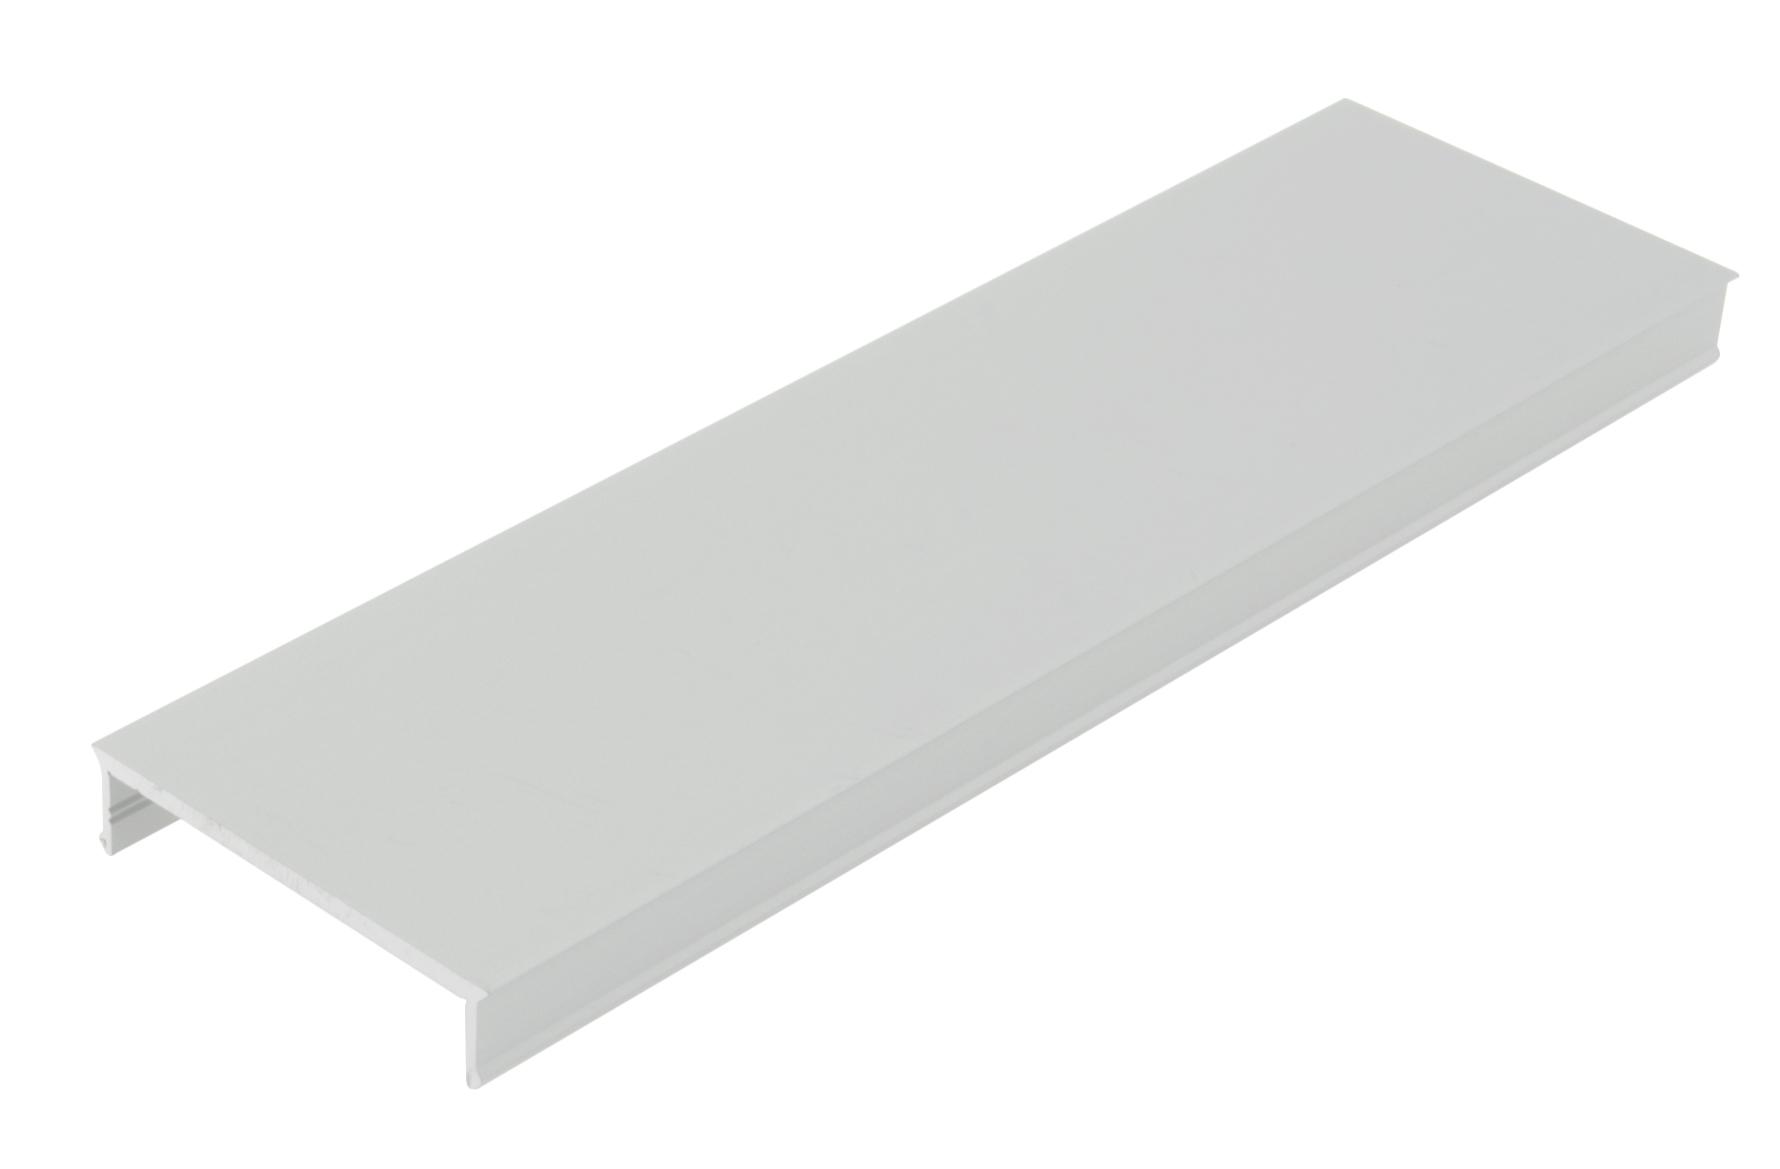 1 m Aluminium Abdeckung MF 2m LIAB005100